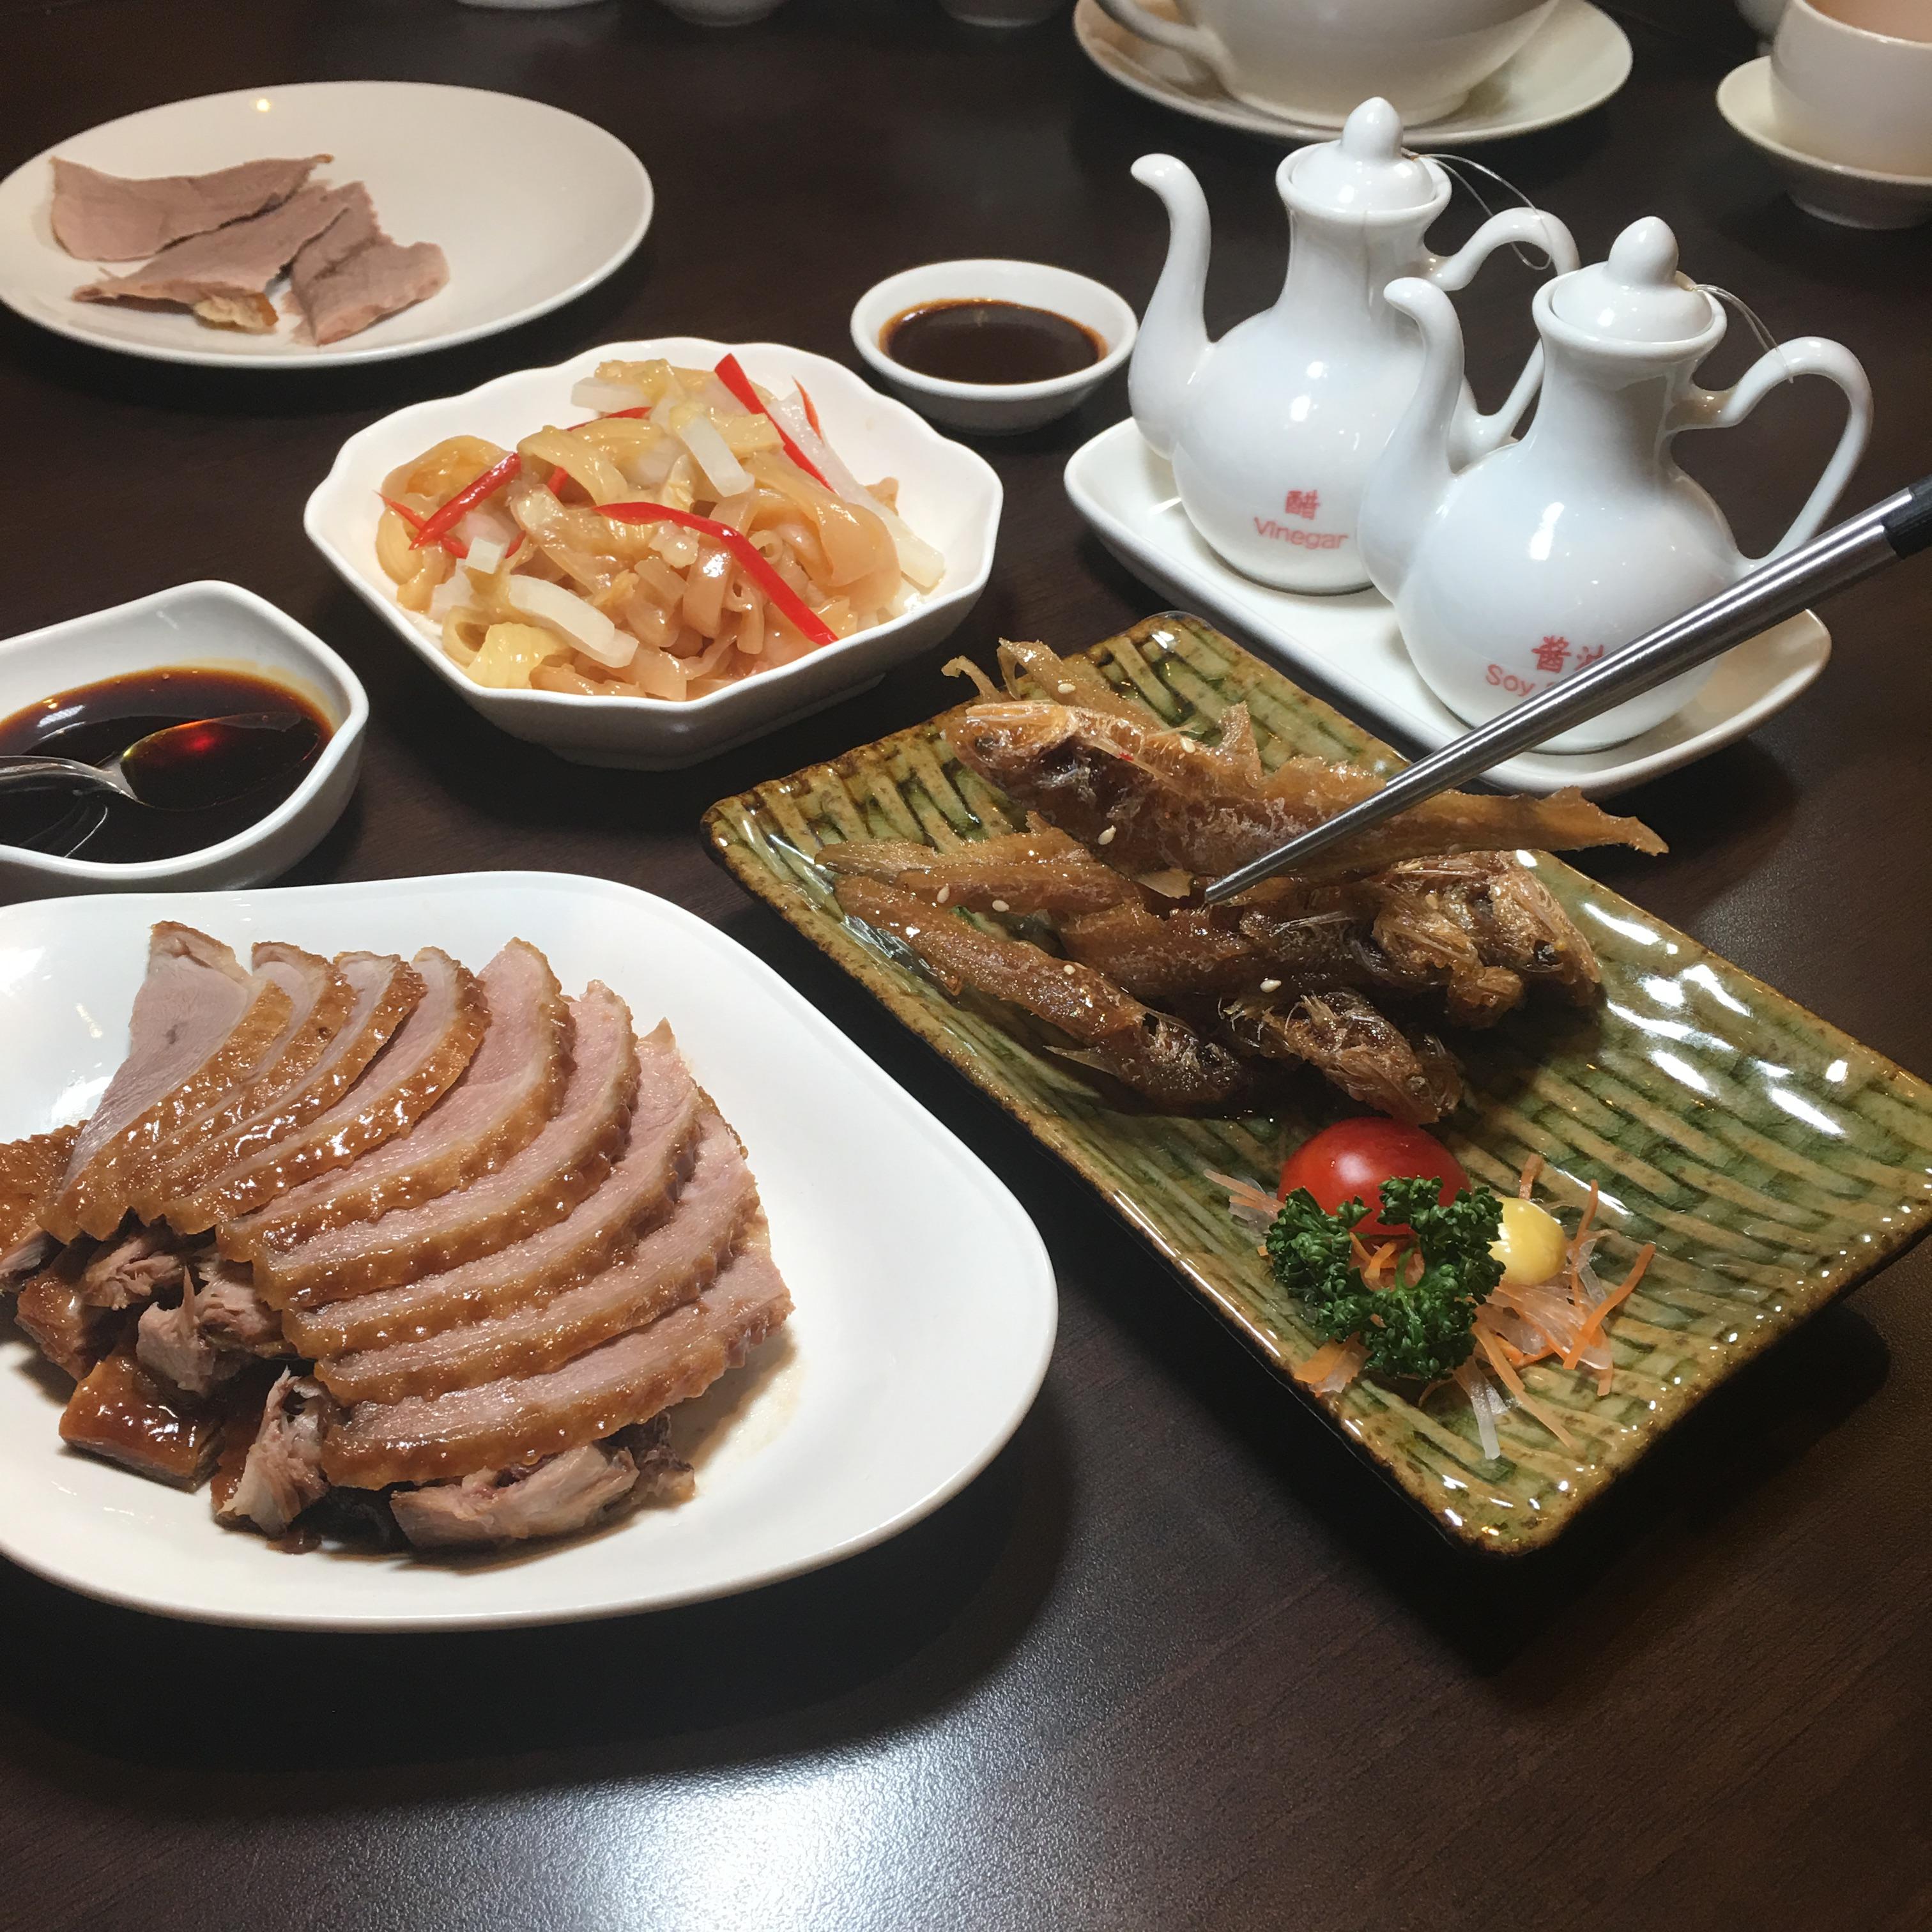 點水樓:上海醬鴨、五香鳳尾魚、銀絲蜇皮